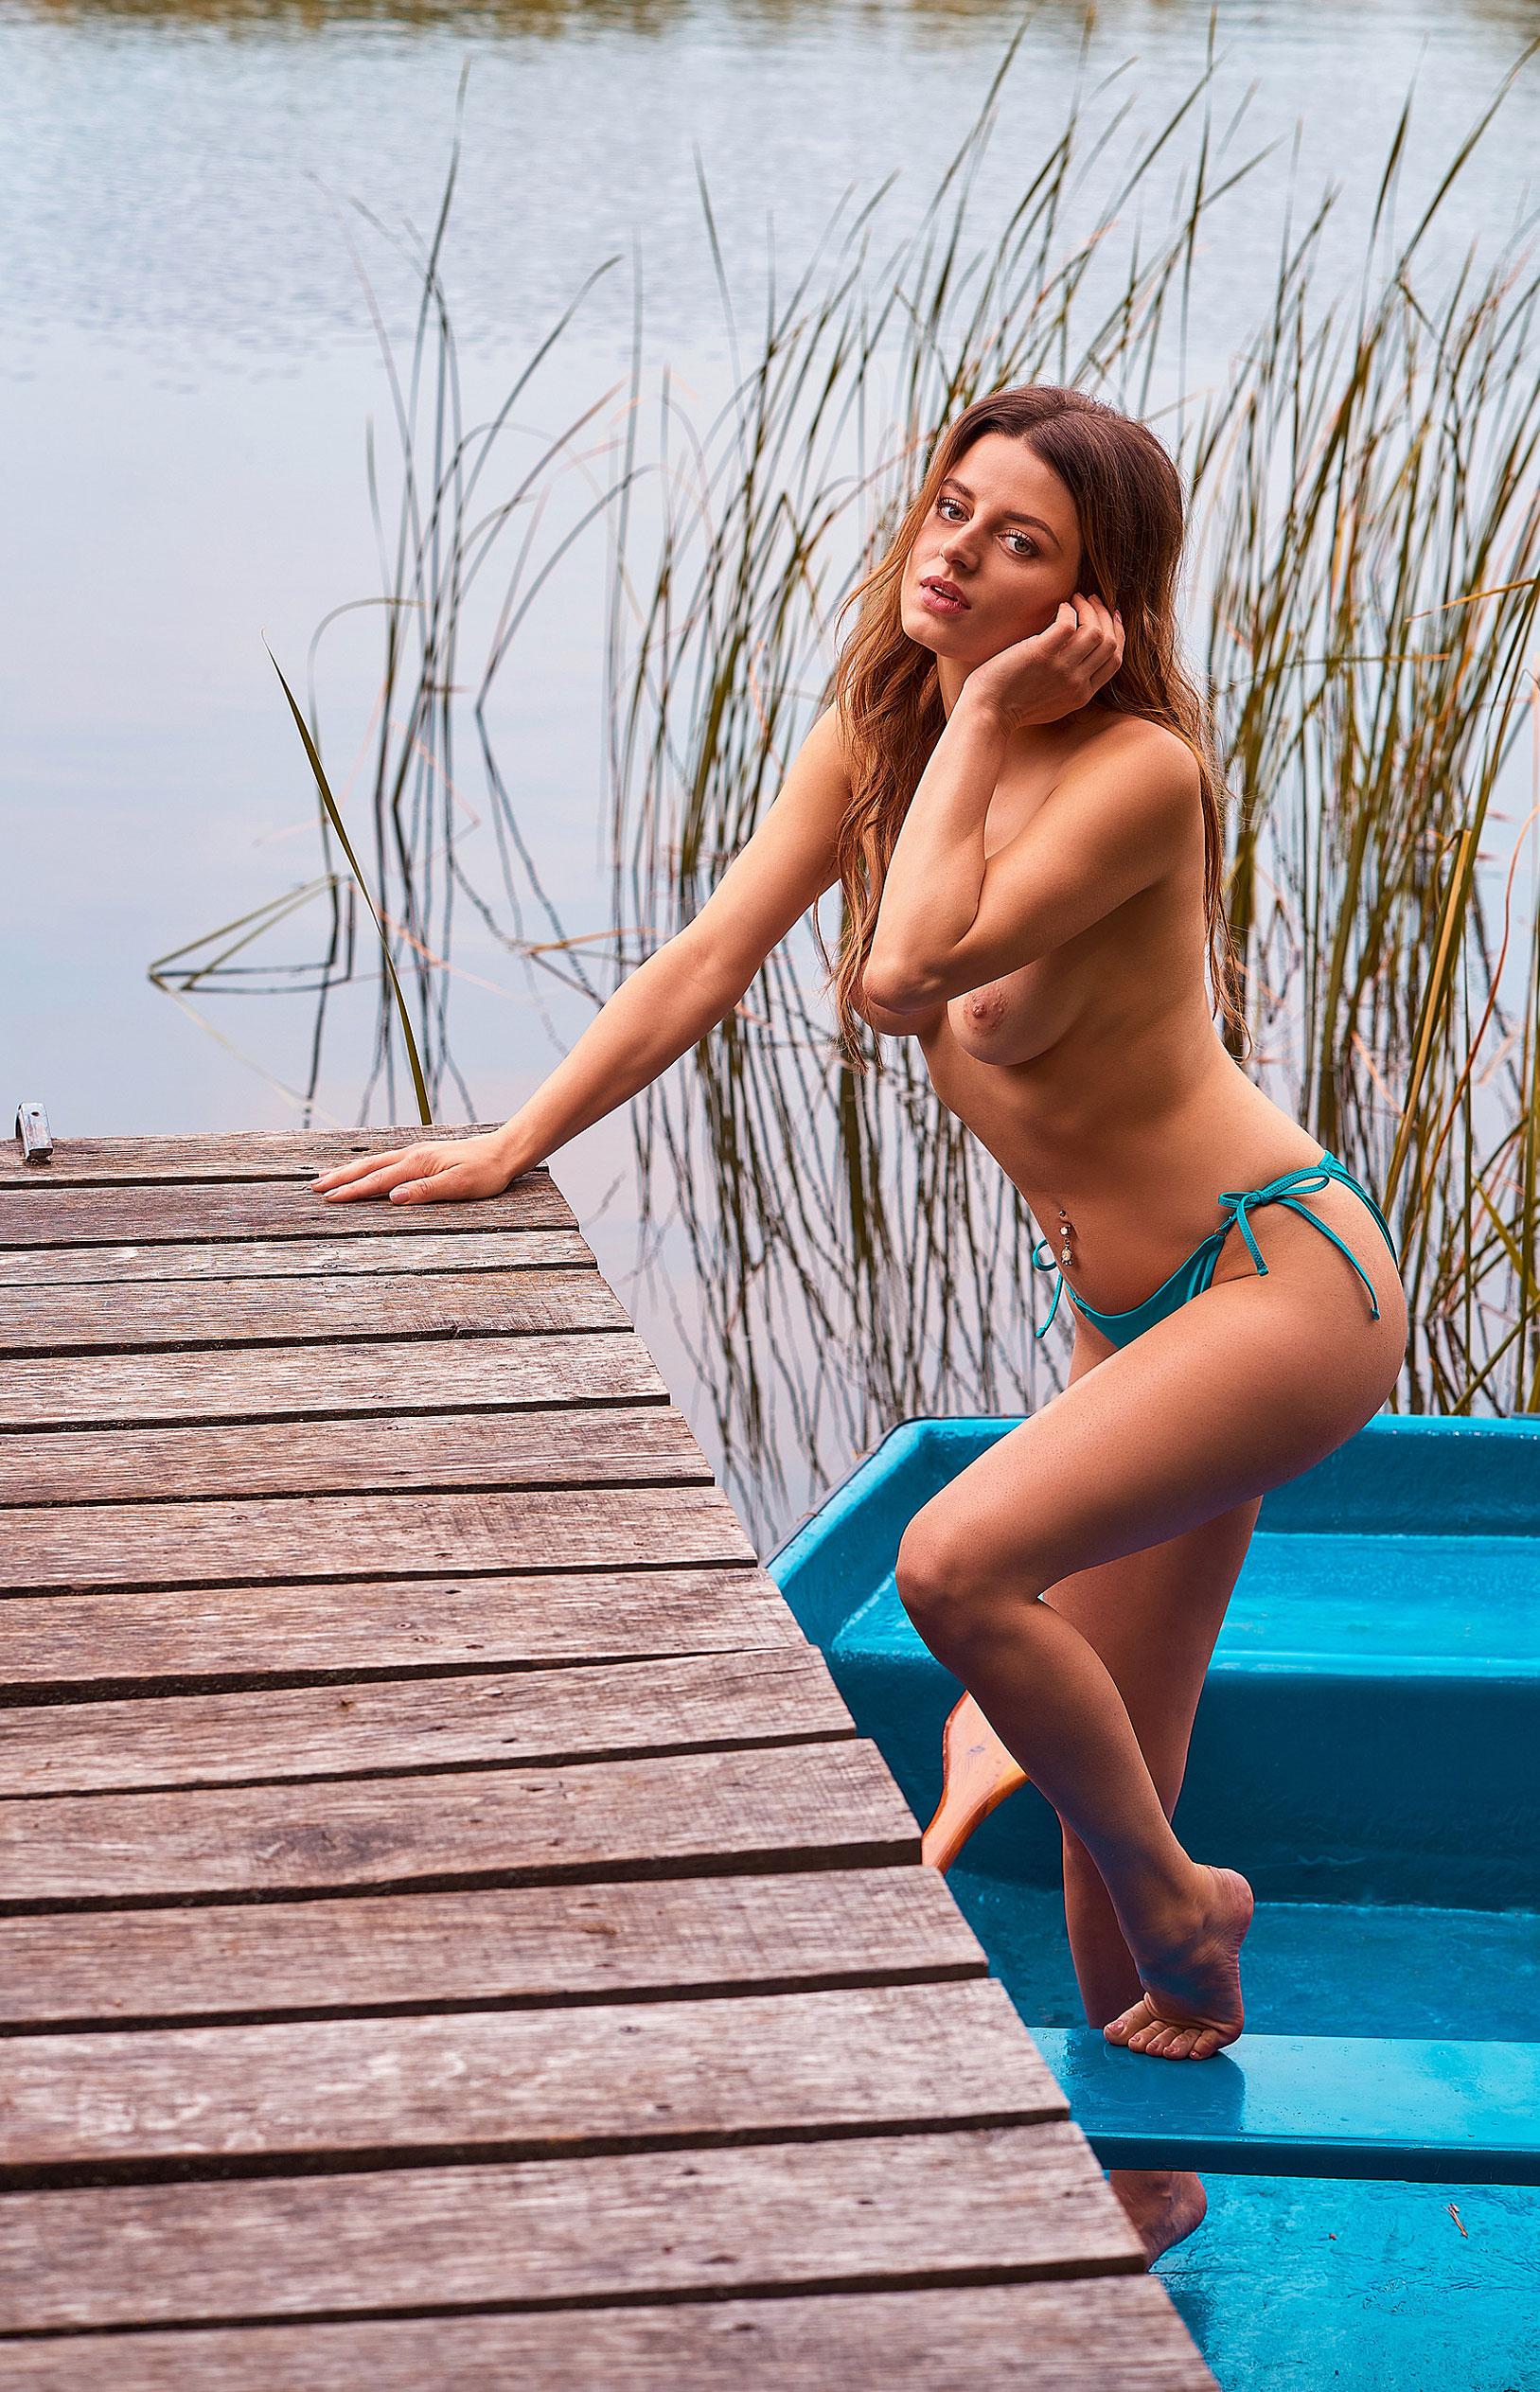 голая медсестра / Девушка месяца немецкого Playboy в июне 2020-го - Джини Валдхейм / фото 06